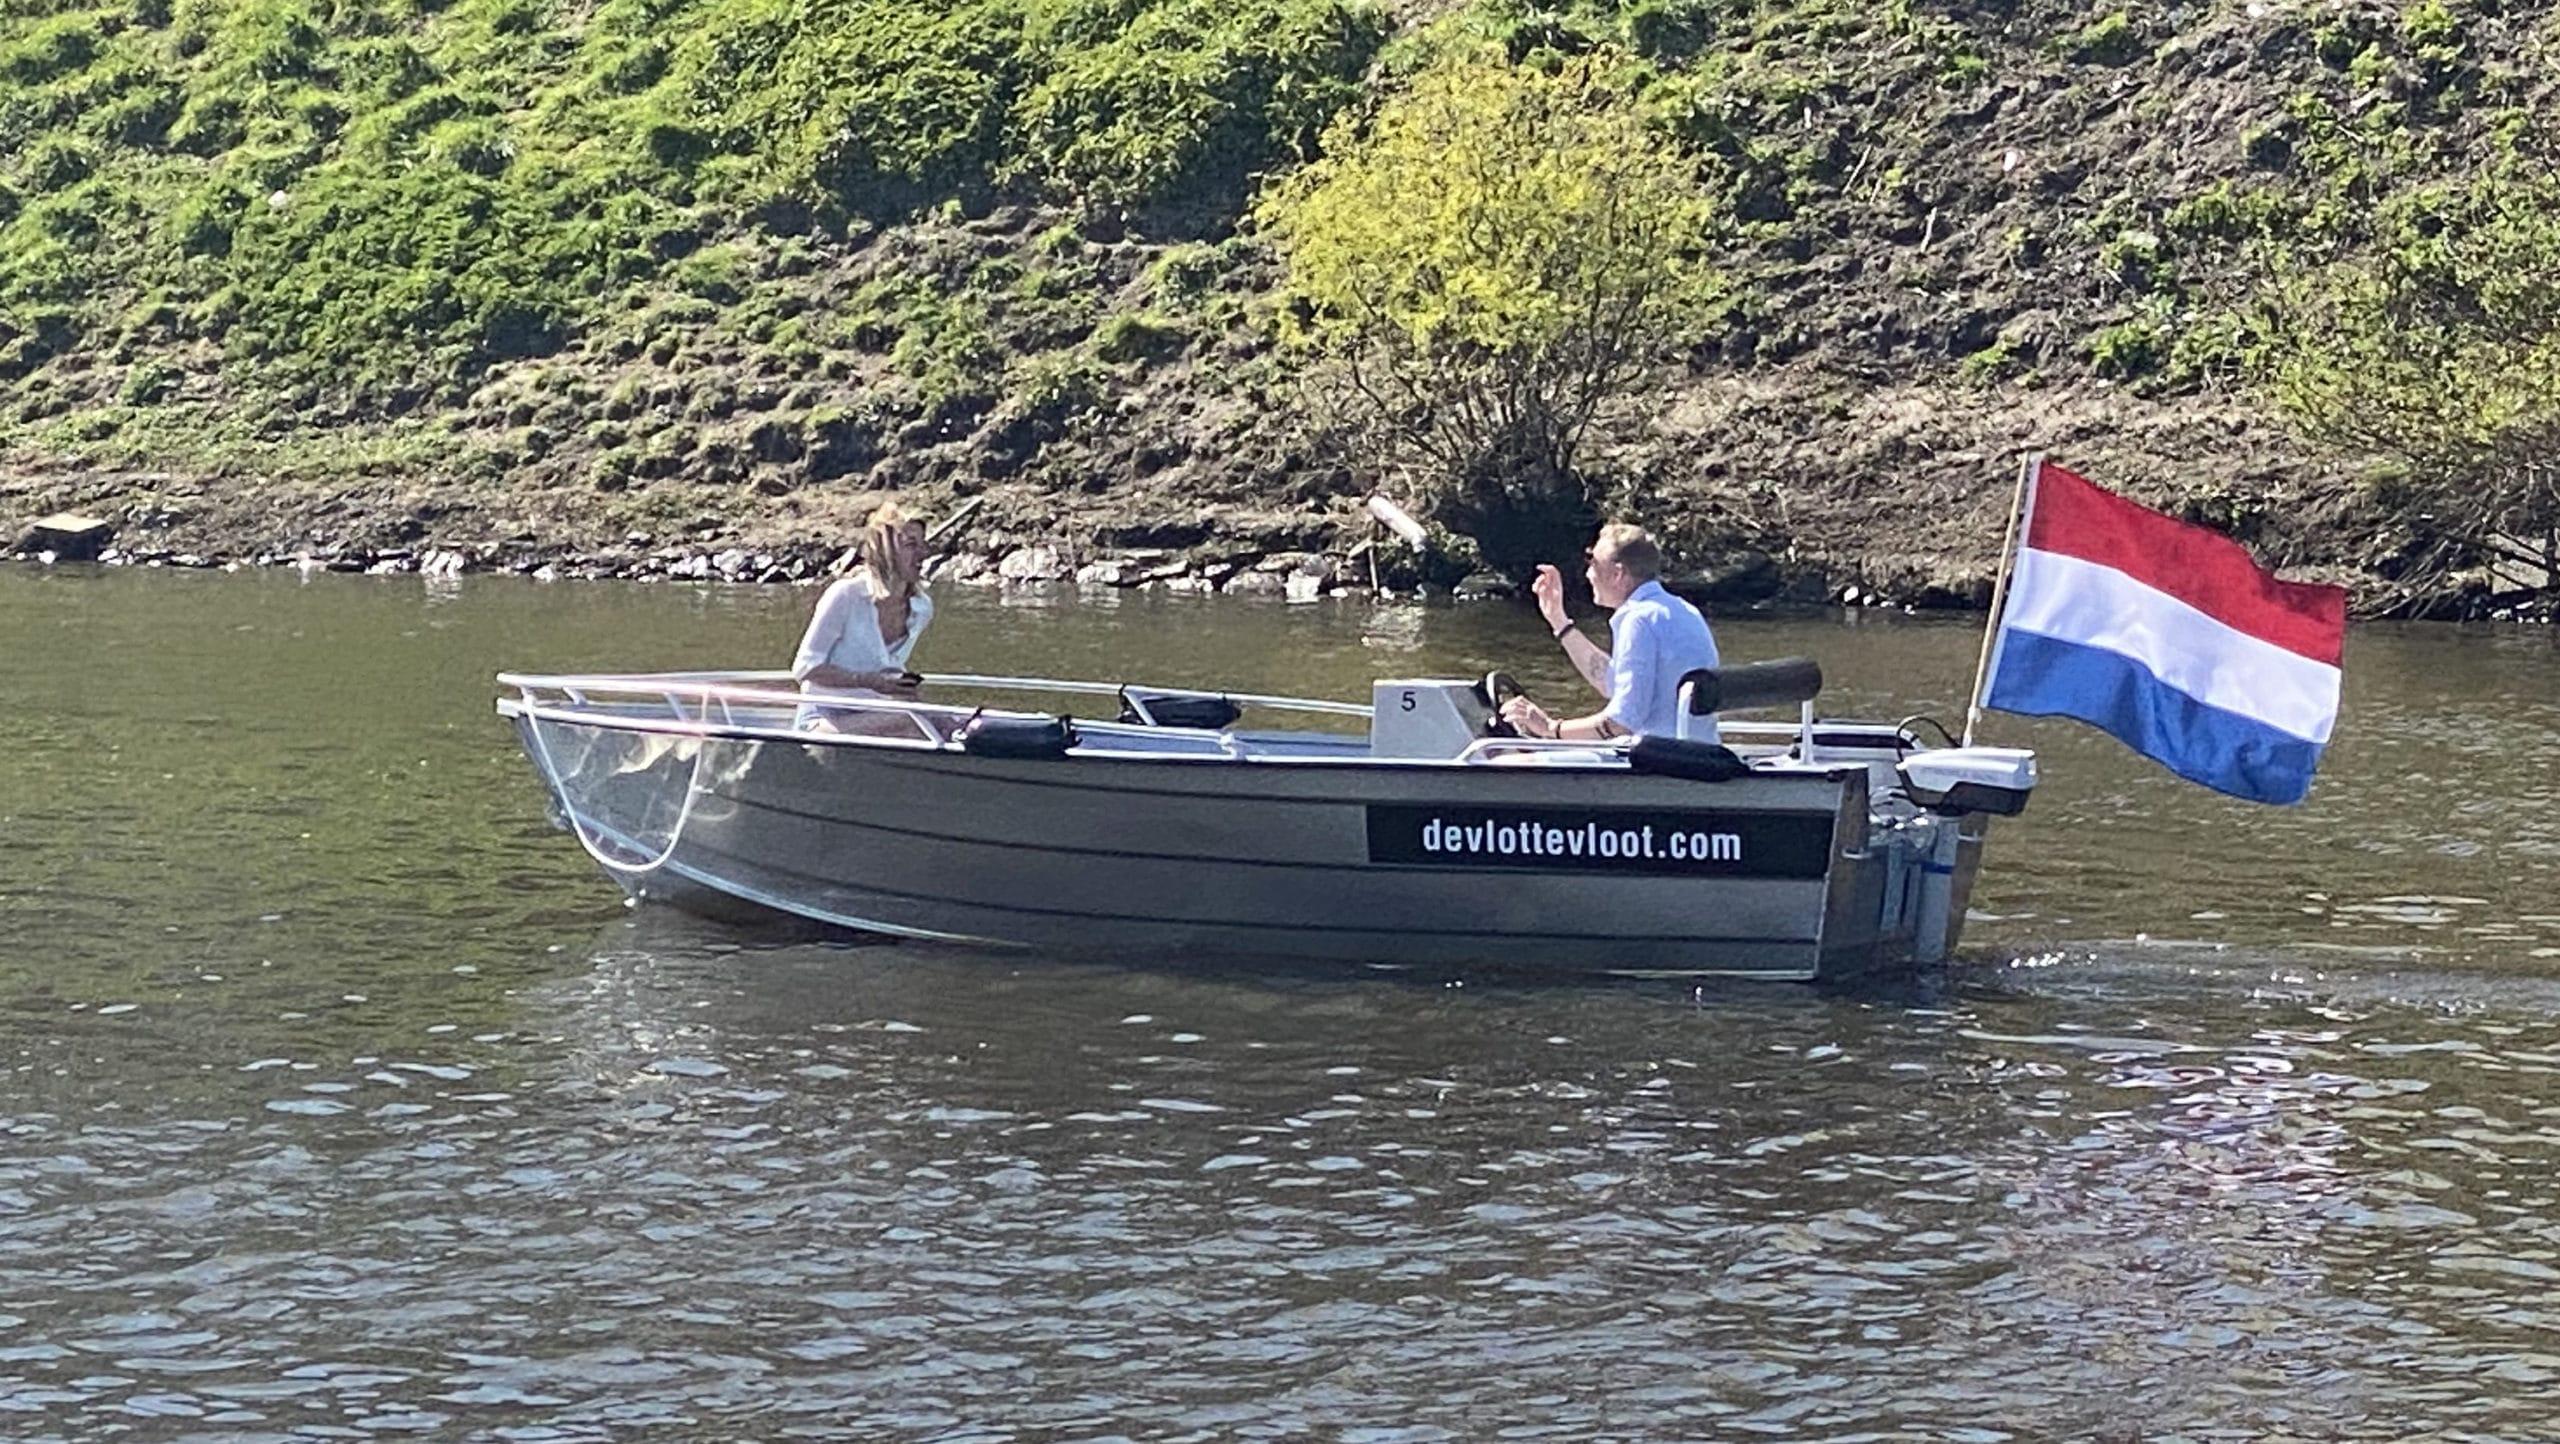 7 persoons zelf varen in Den Bosch